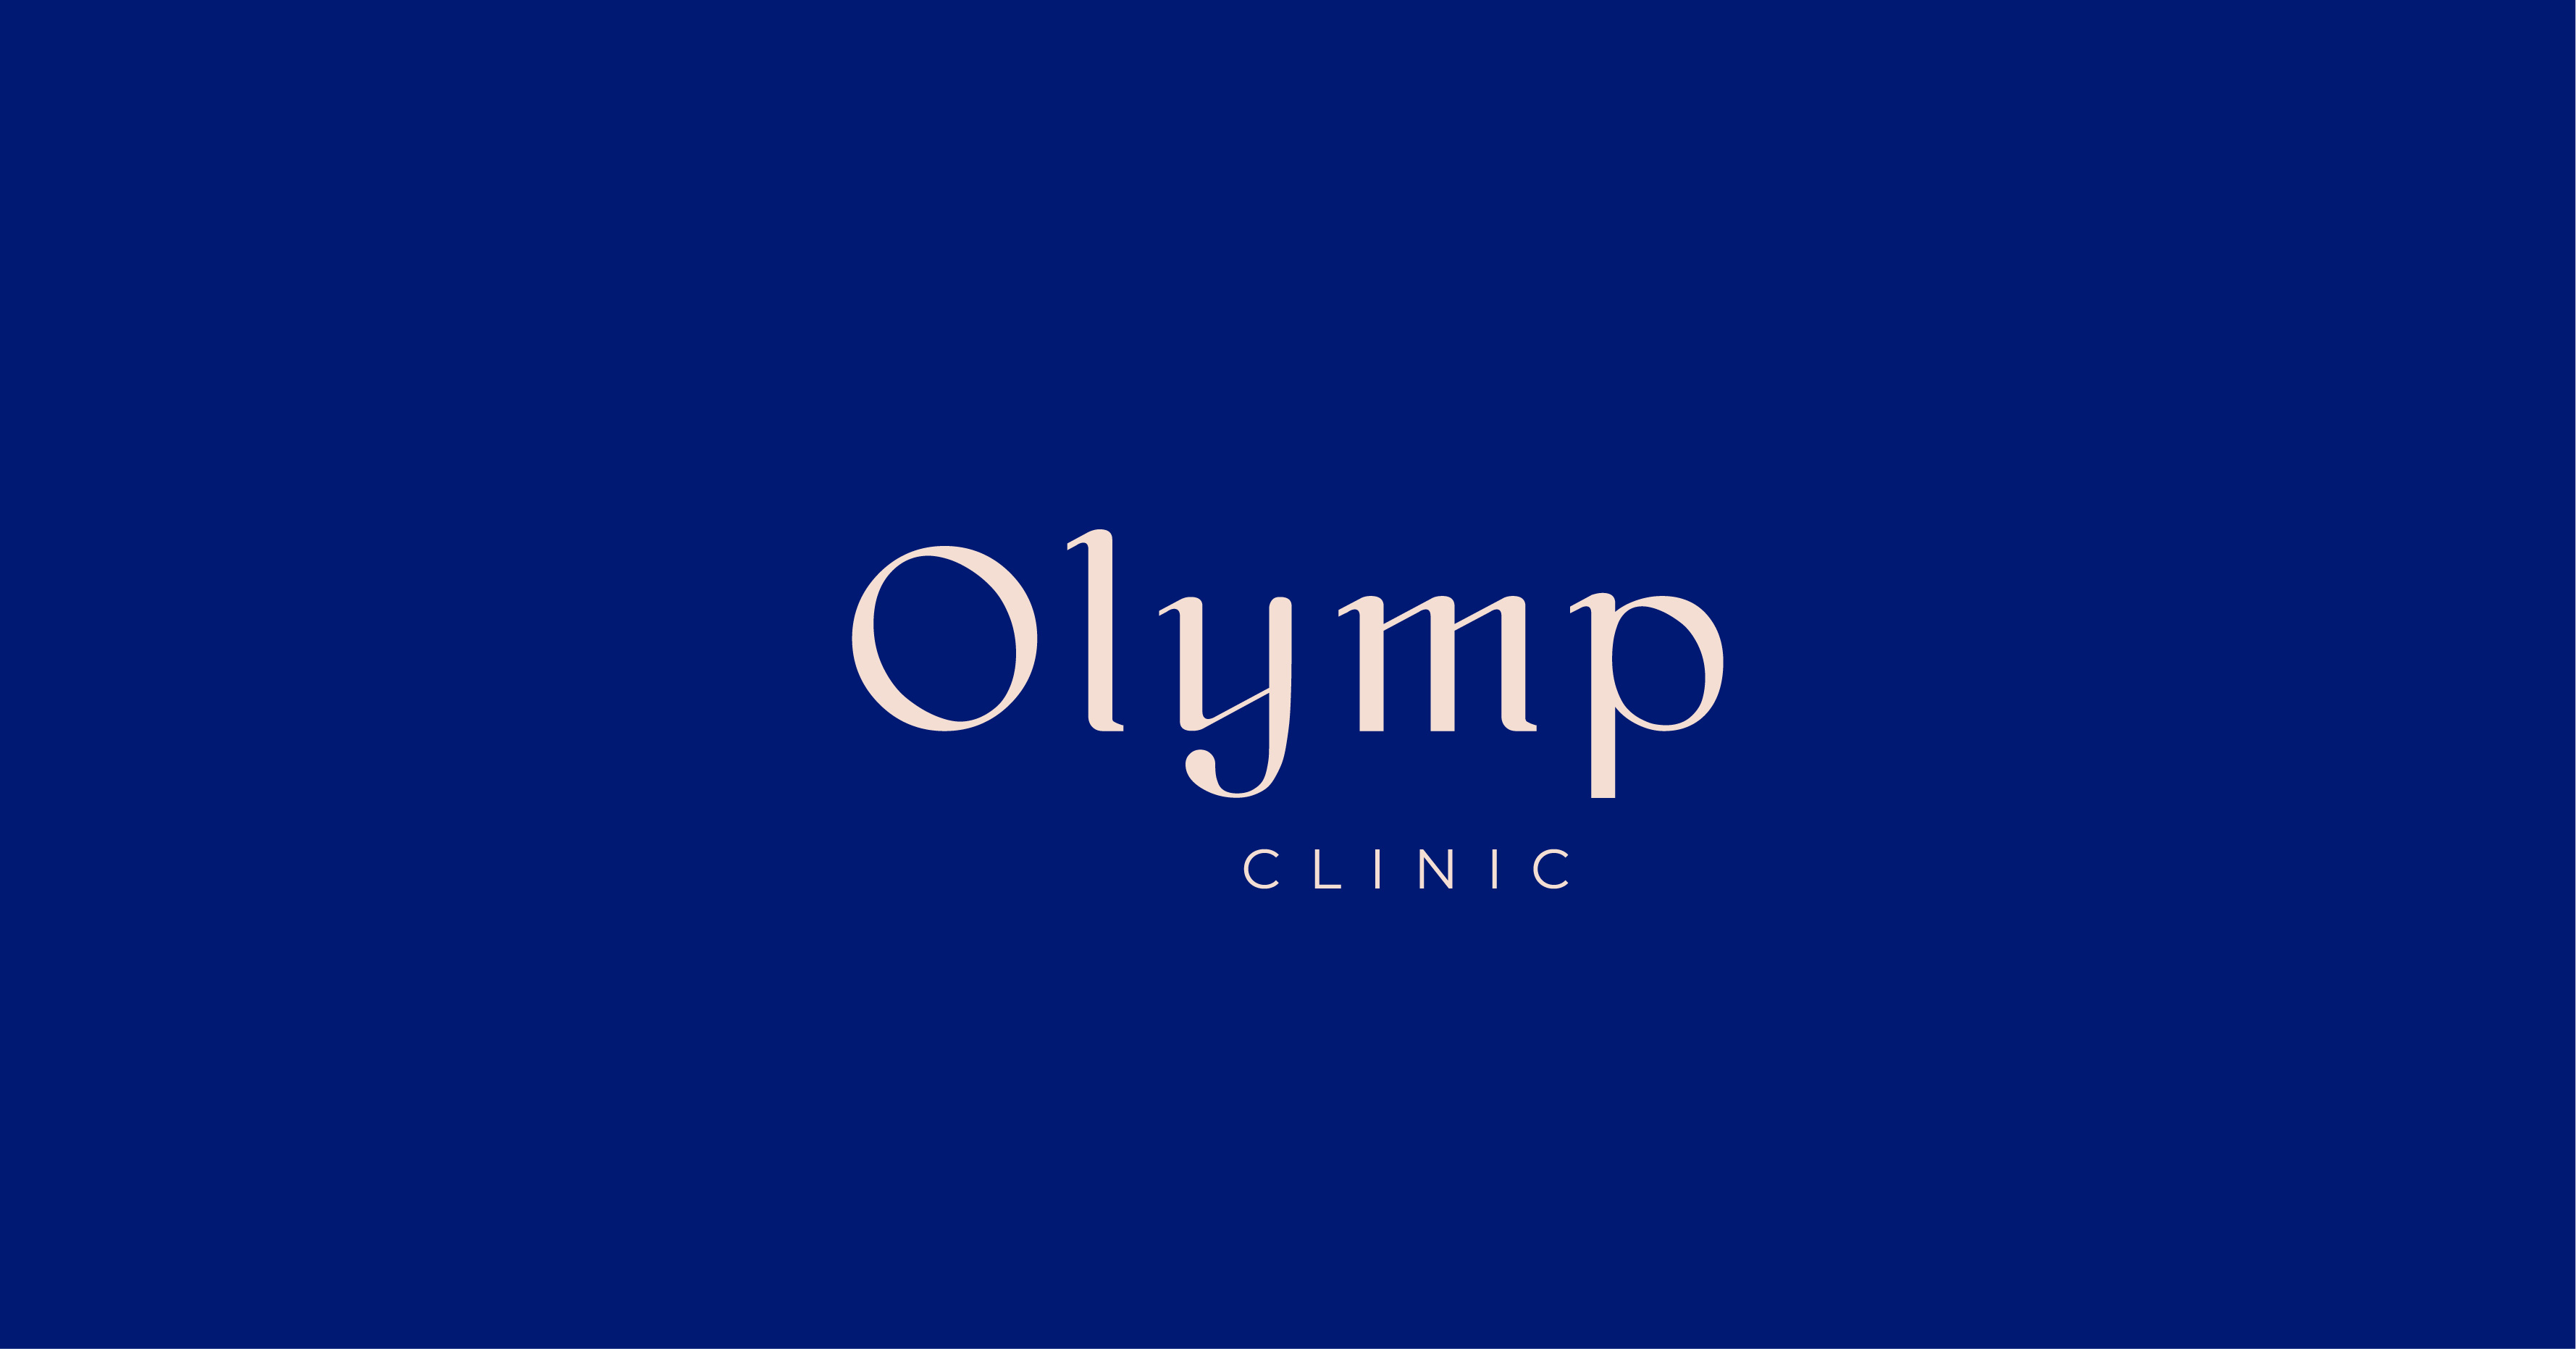 Разработка логотипа и впоследствии фирменного стиля фото f_0155f22d6cb5140d.jpg